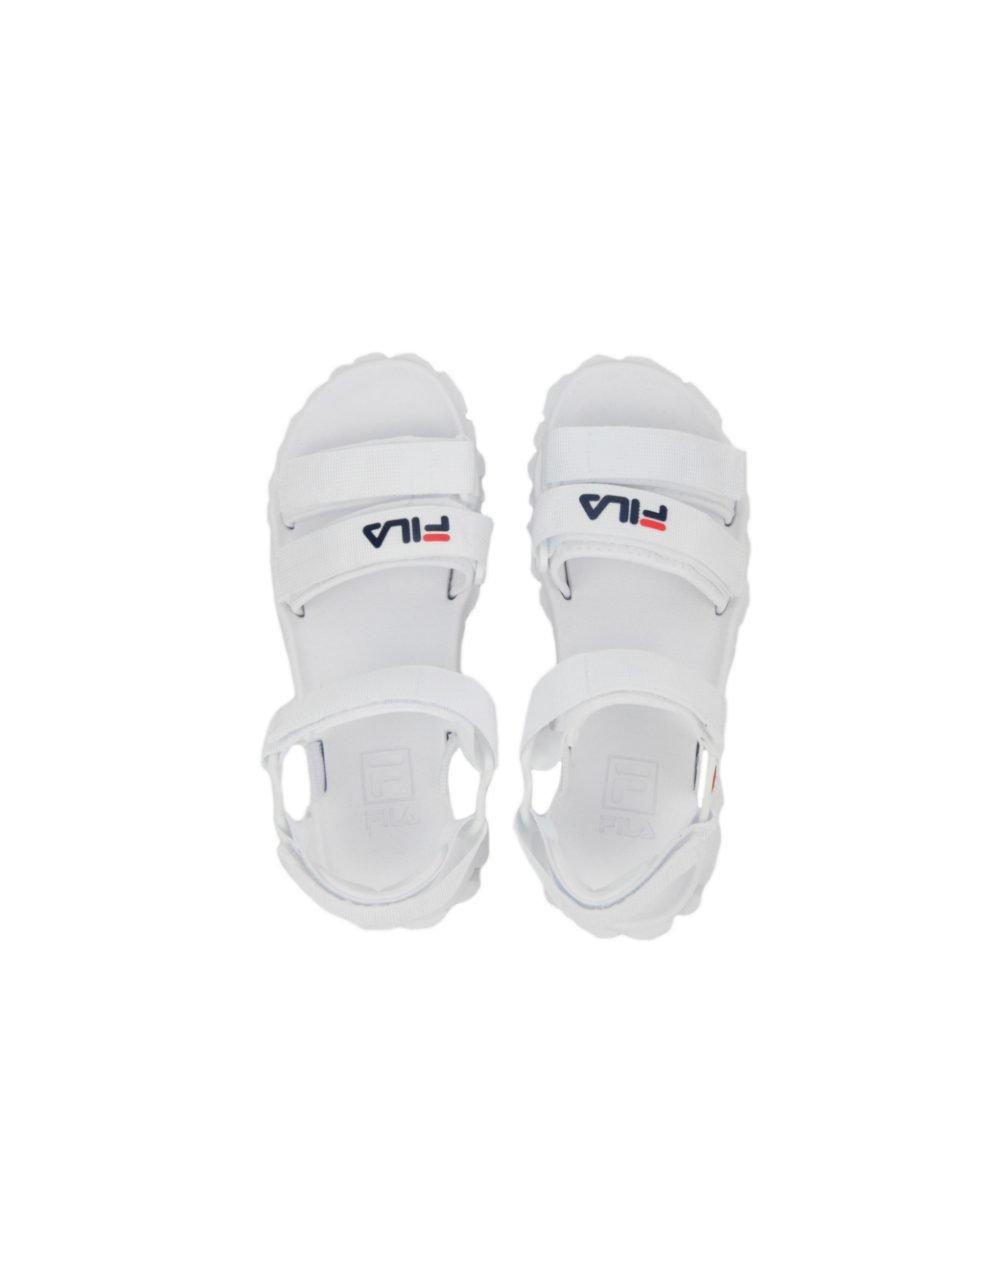 Fila Yak Sandal (5SM00542-125) White